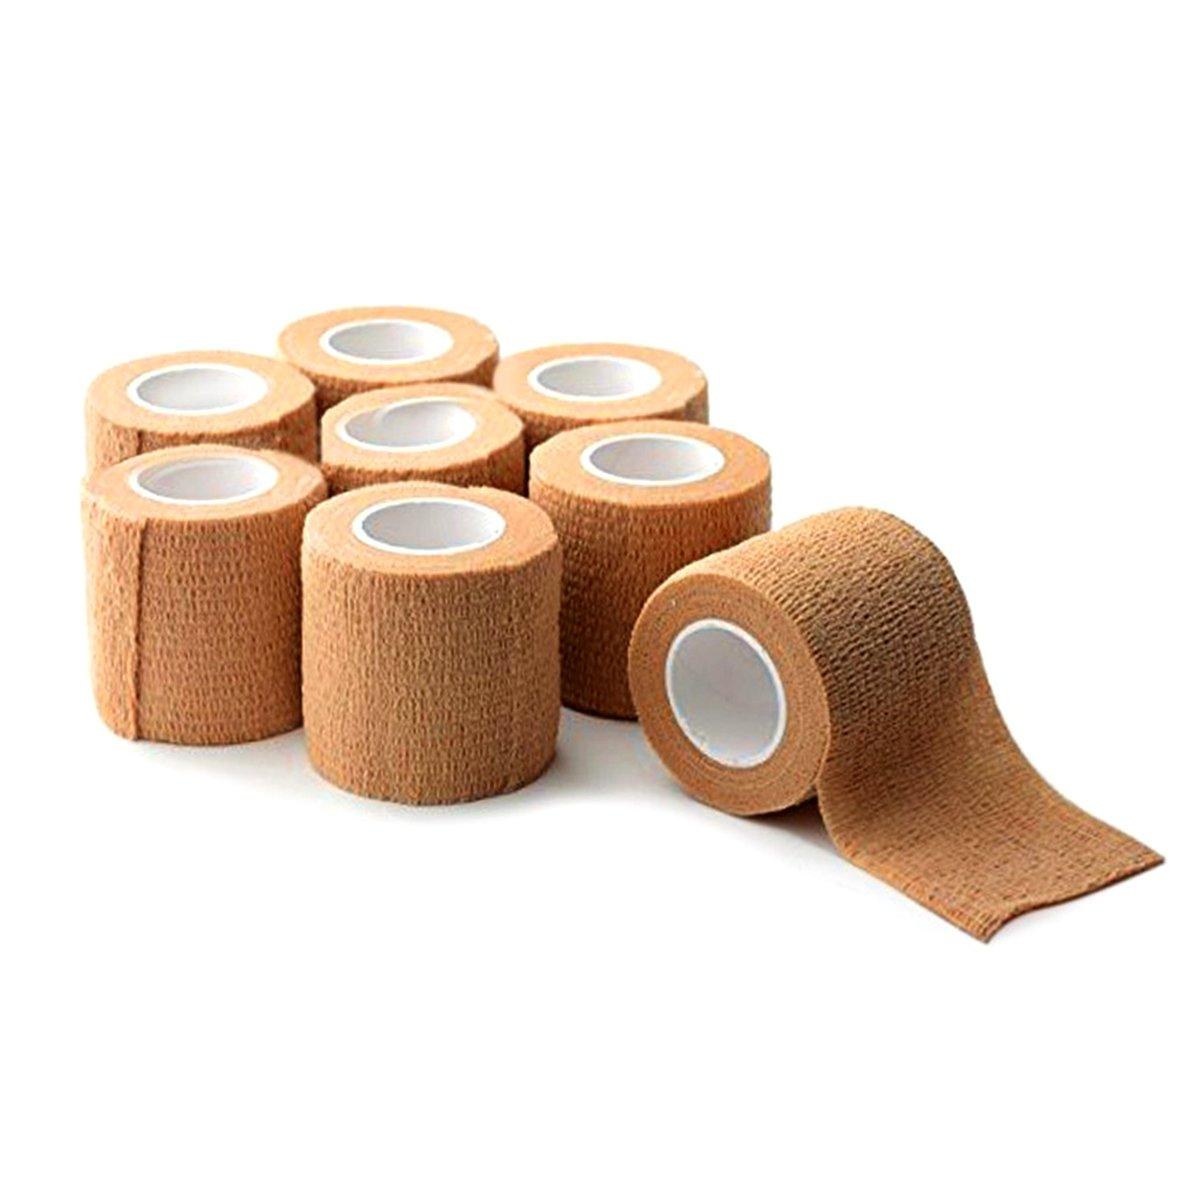 Self-Adhesive Bandage , Gedgetmann First Aid Bandage Wrap with Strong Elastic , Pressure Tape Gauze Bandage (8pcs) - 1000